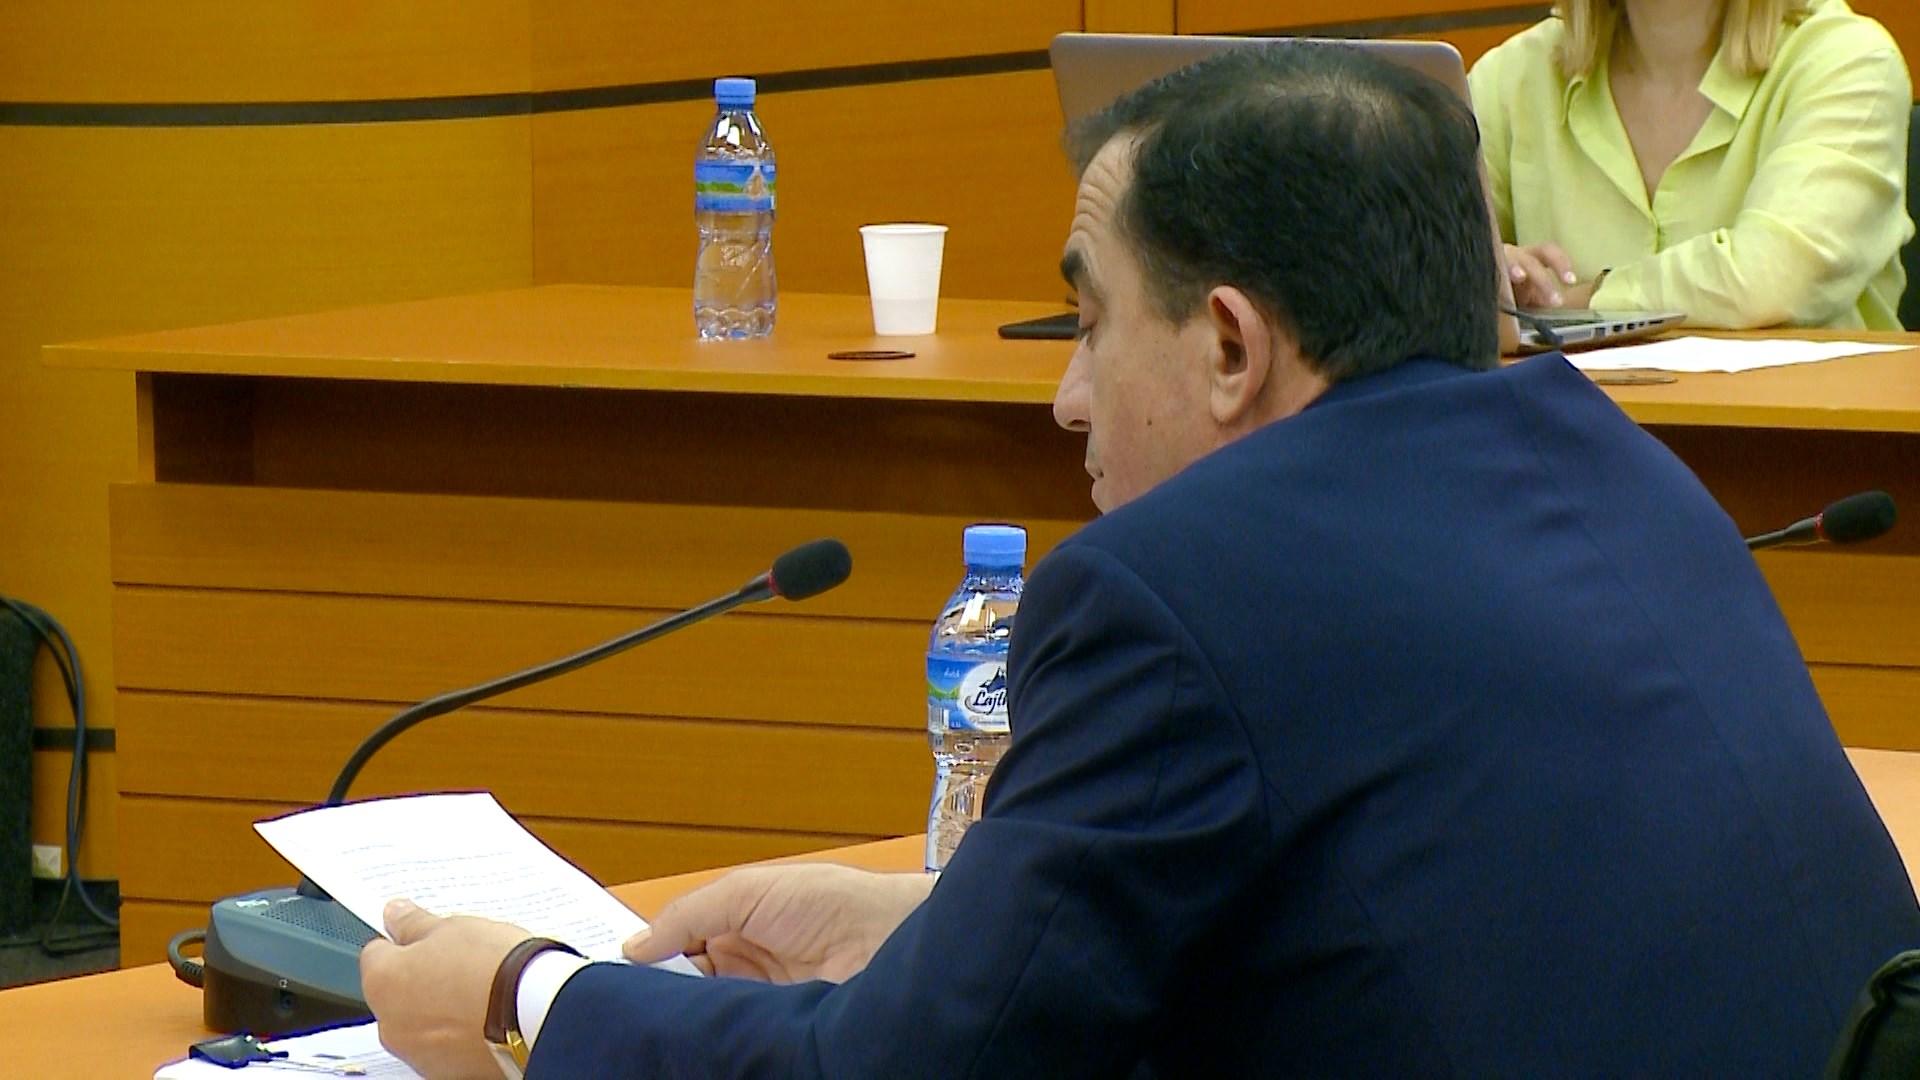 KPK konfirmon në detyrë Prokurorin e Krimeve të Rënda Vladimir Marën